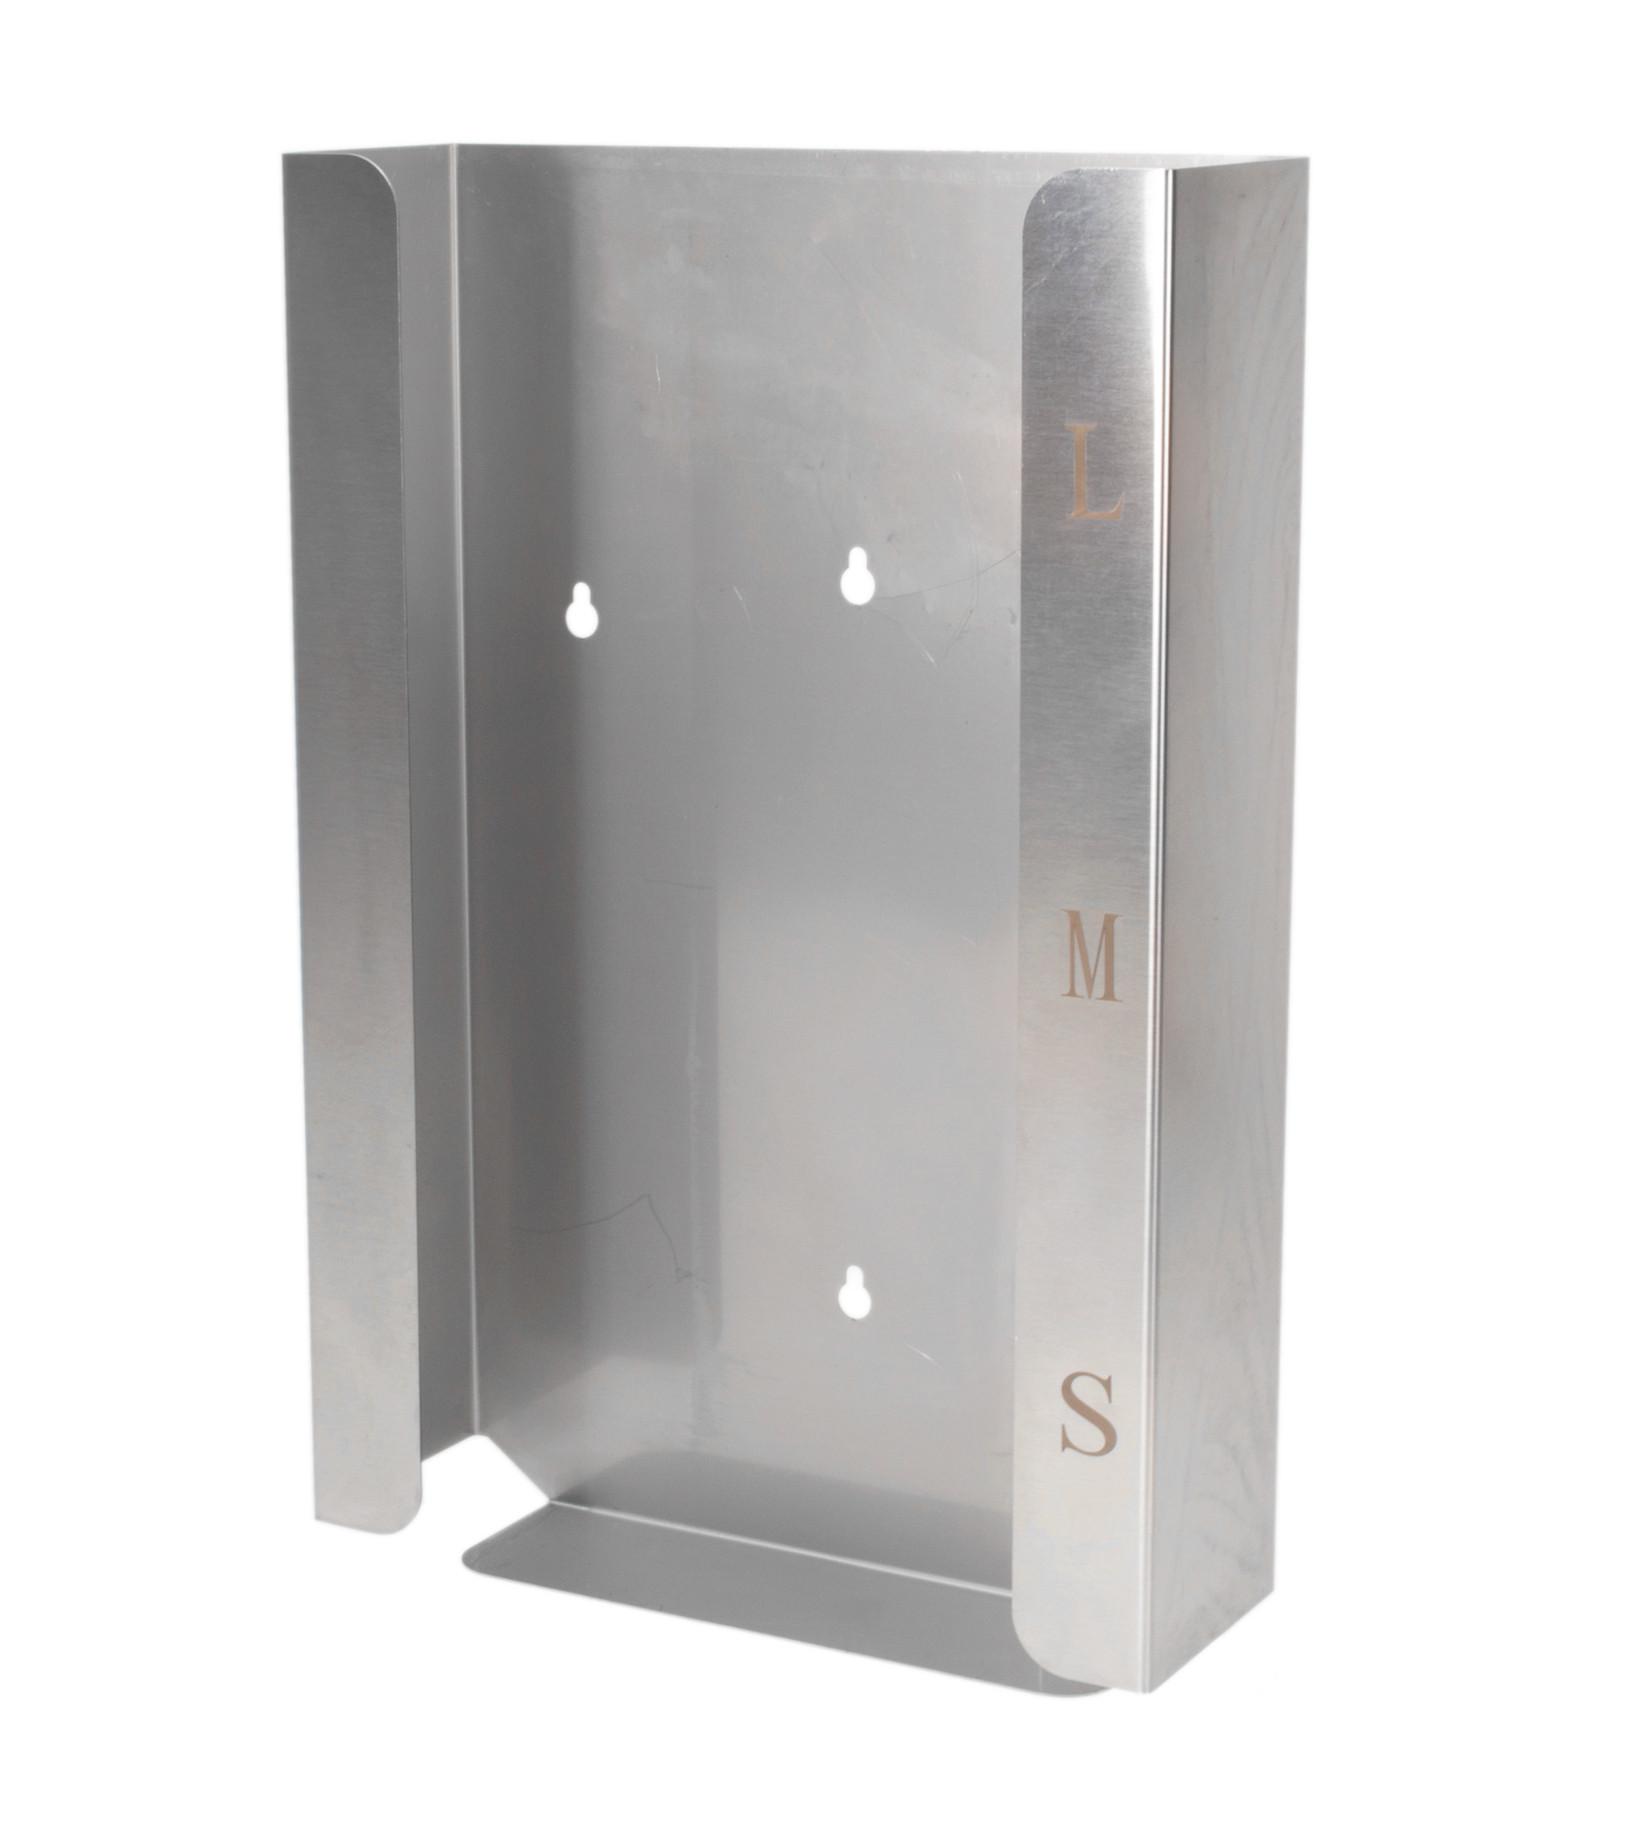 Handschuhhalter für drei Boxen, Edelstahl, zur Wandmontage, nicht rostend, Silber, 245 x 390 x 80 mm